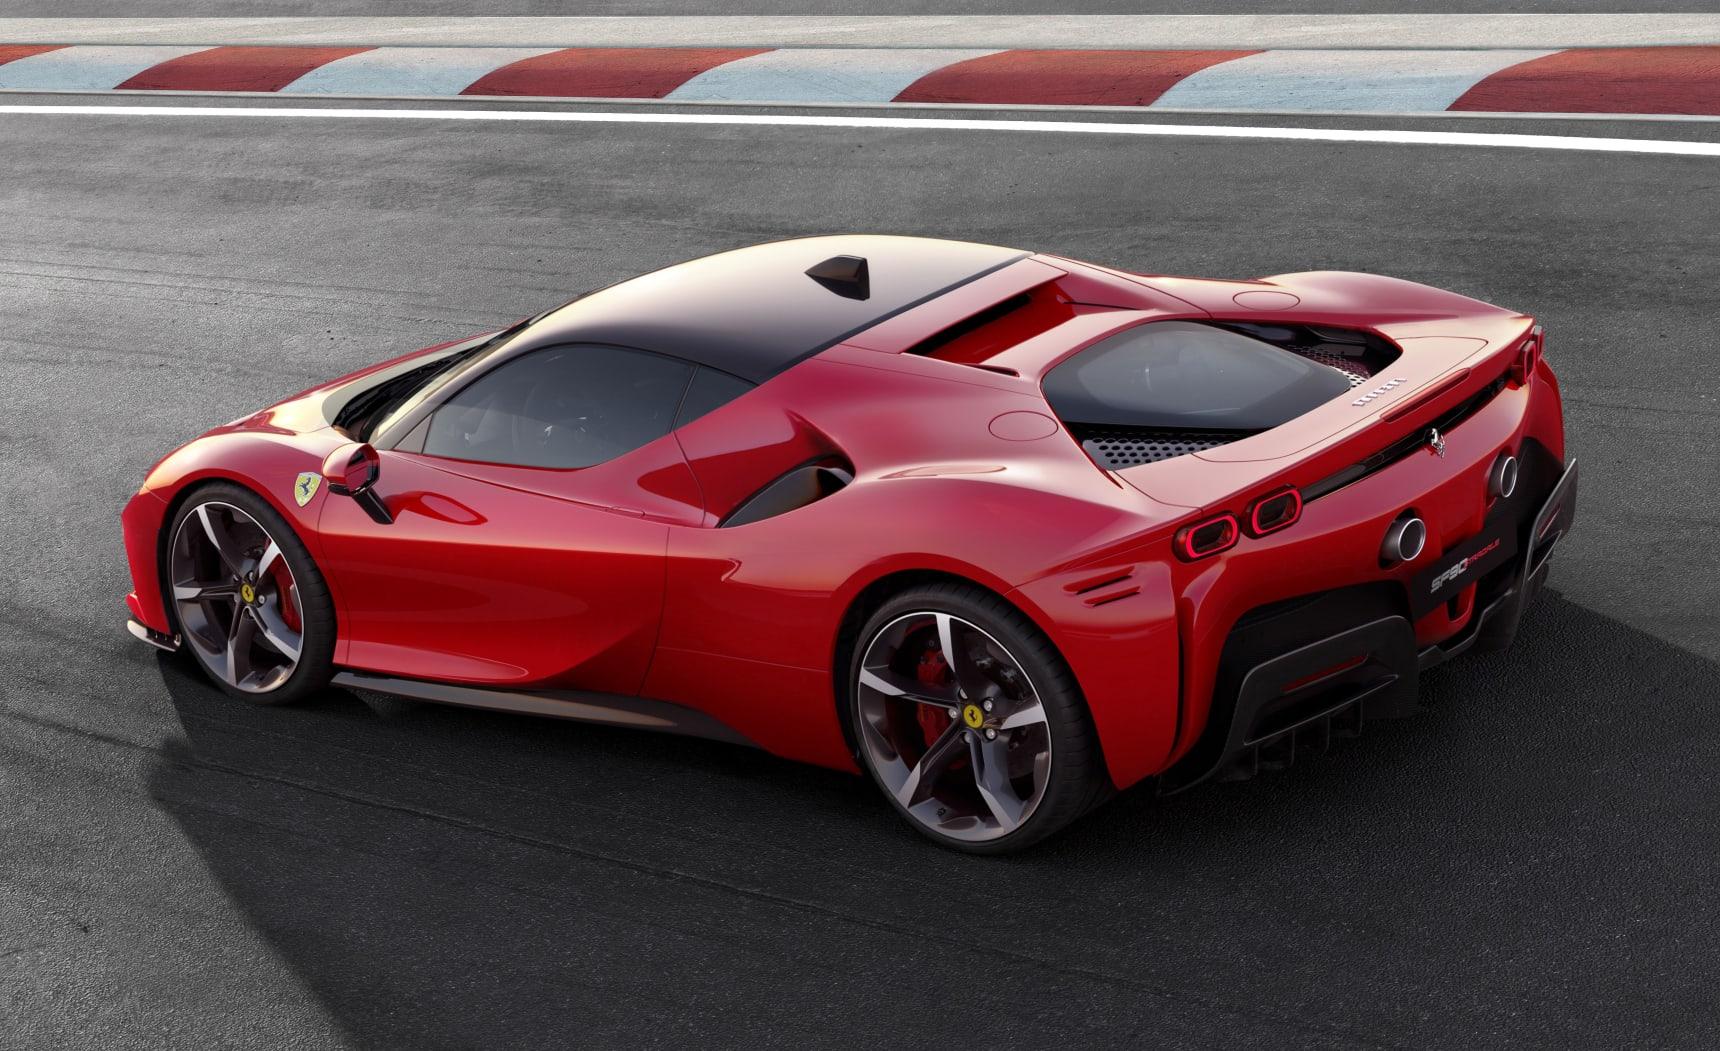 Der Ferrari SF90 Stradale: Ein Serien-Supersportwagen mit 1000 PS 4